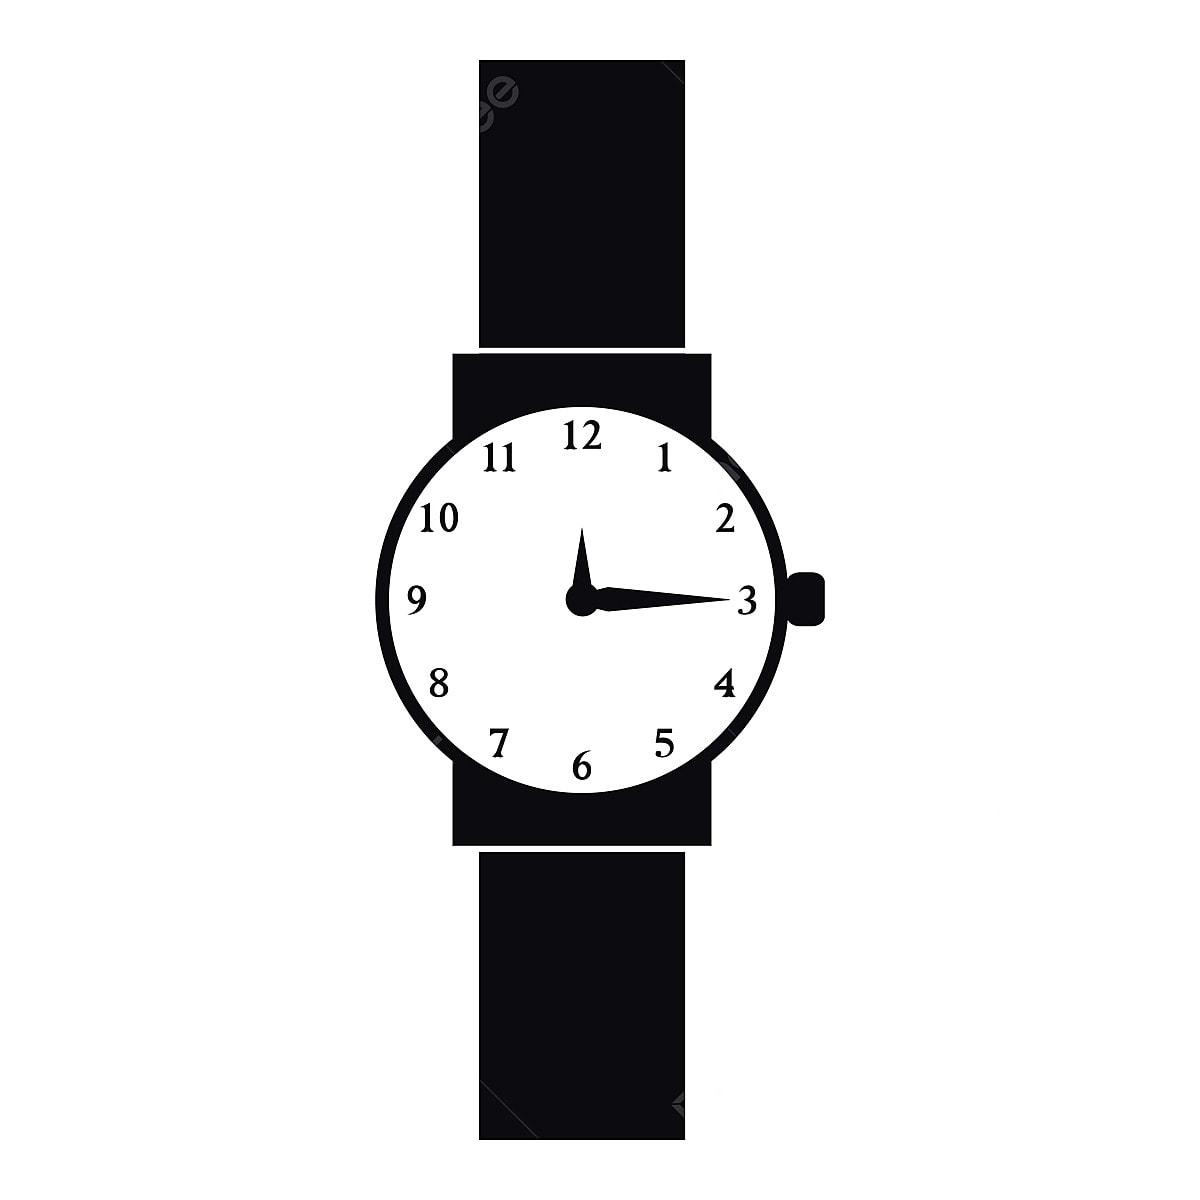 ساعة يد Png المتجهات Psd قصاصة فنية تحميل مجاني Pngtree